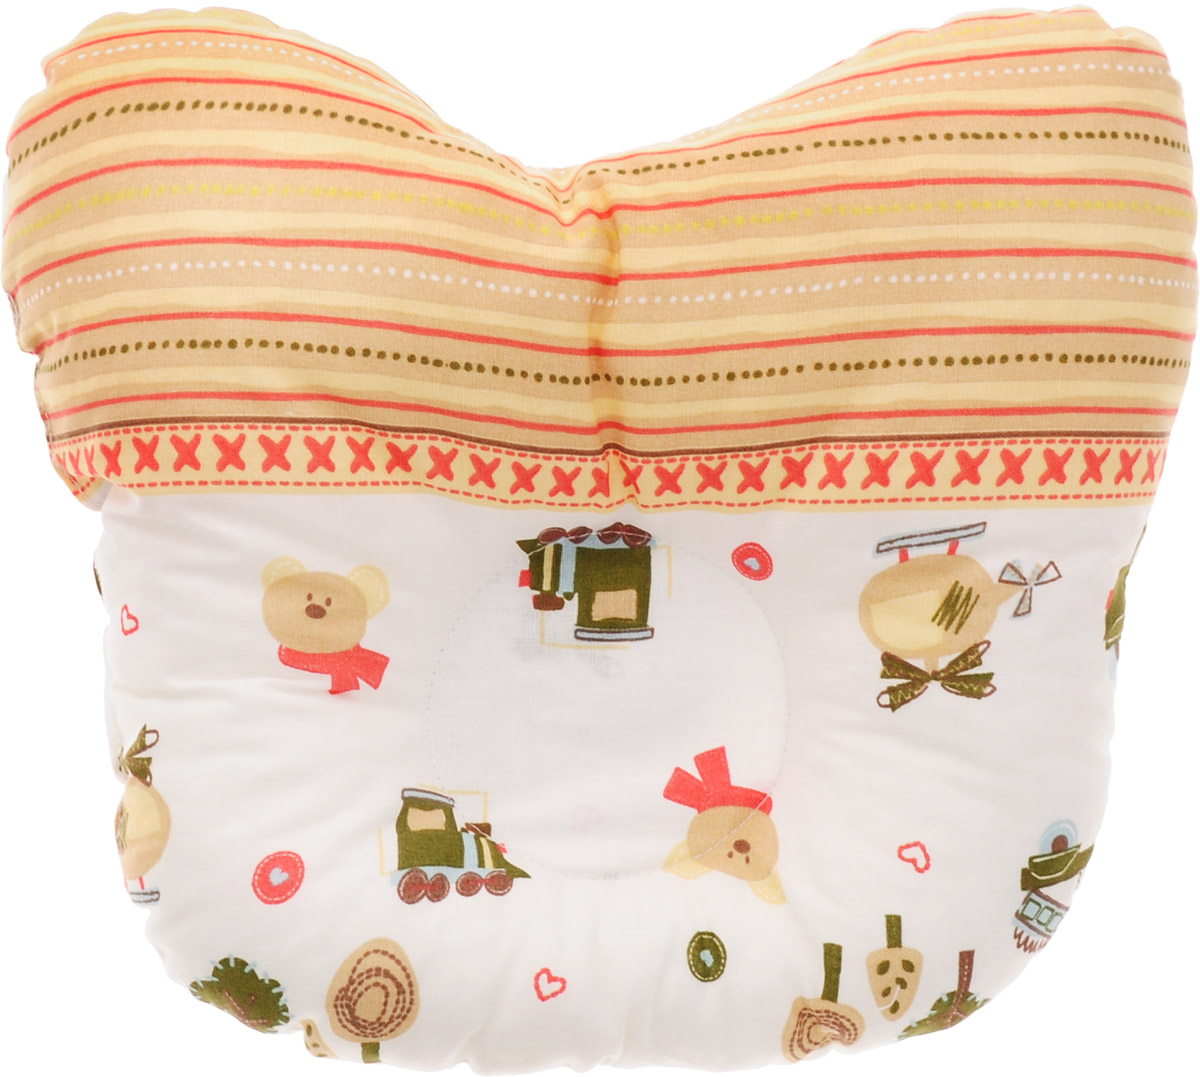 Сонный гномик Подушка анатомическая для младенцев Машинки и мишки 27 х 27 см106-026Анатомическая подушка для младенцев Сонный гномик Машинки и мишки изготовлена из бязи - 100% хлопка. Наполнитель - синтепон в гранулах (100% полиэстер).Подушка компактна и удобна для пеленания малыша и кормления на руках, она также незаменима для сна ребенка в кроватке и комфортна для использования в коляске на прогулке. Углубление в подушке фиксирует правильное положение головы ребенка.Подушка помогает правильному формированию шейного отдела позвоночника.